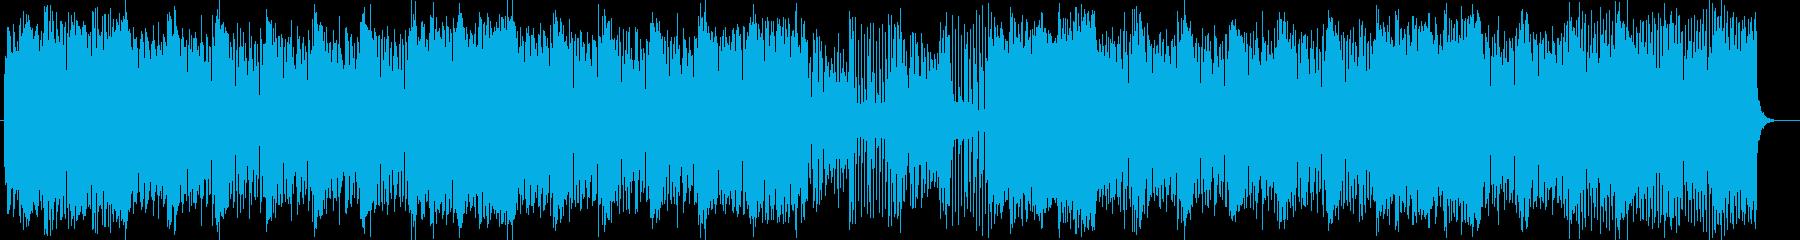 ソウルフルでエキサイティングなポップスの再生済みの波形